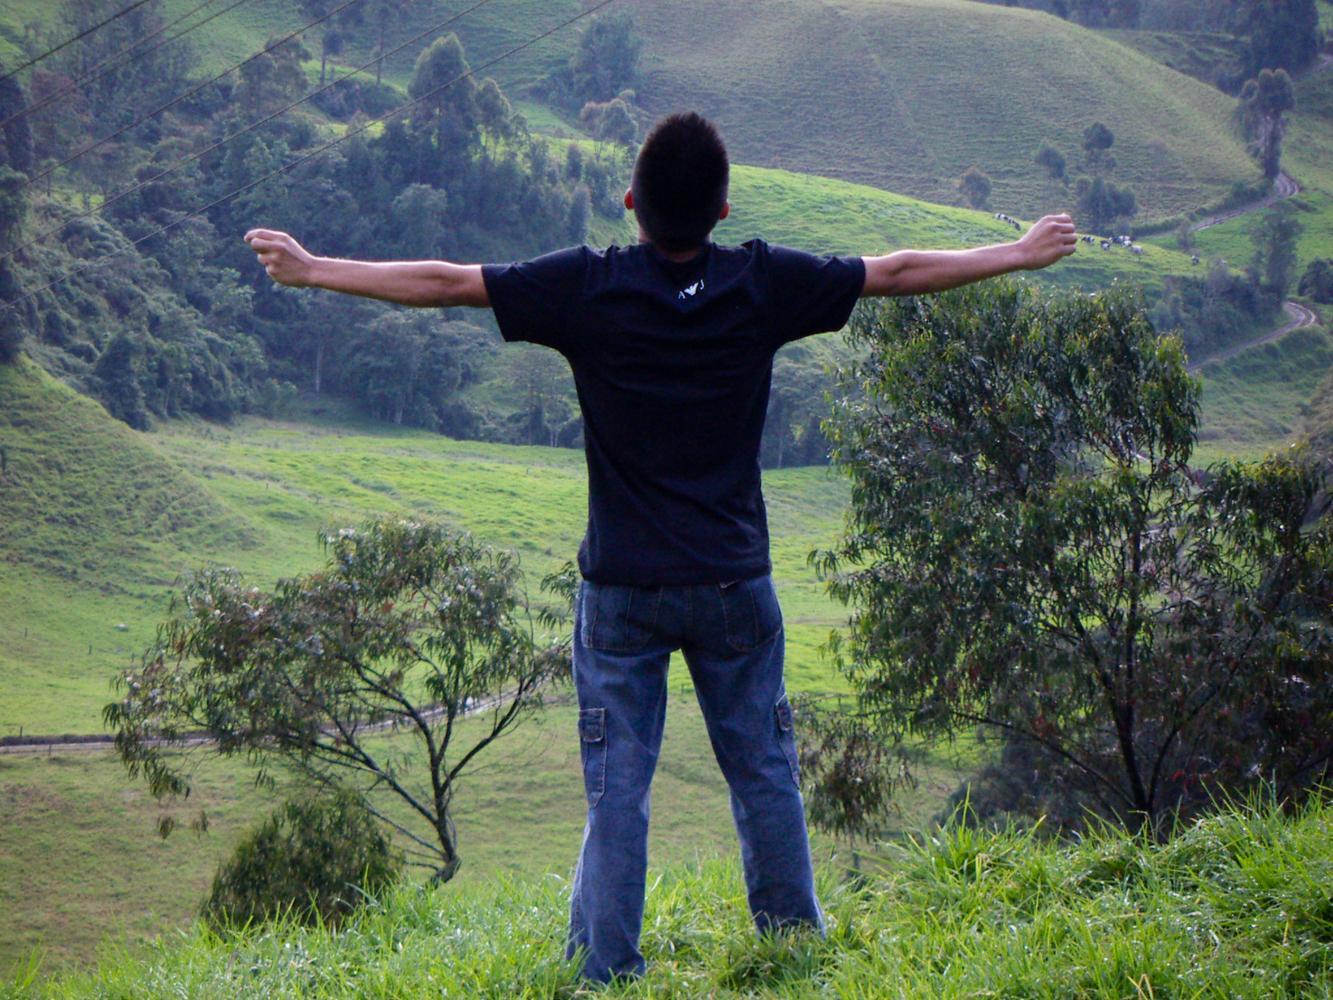 Se ve tanta libertad que me gustaría correr hasta el final de todas las montañas... Siento un cosquilleo en el pecho que me impulsa a seguir y encontrar mi lugar.